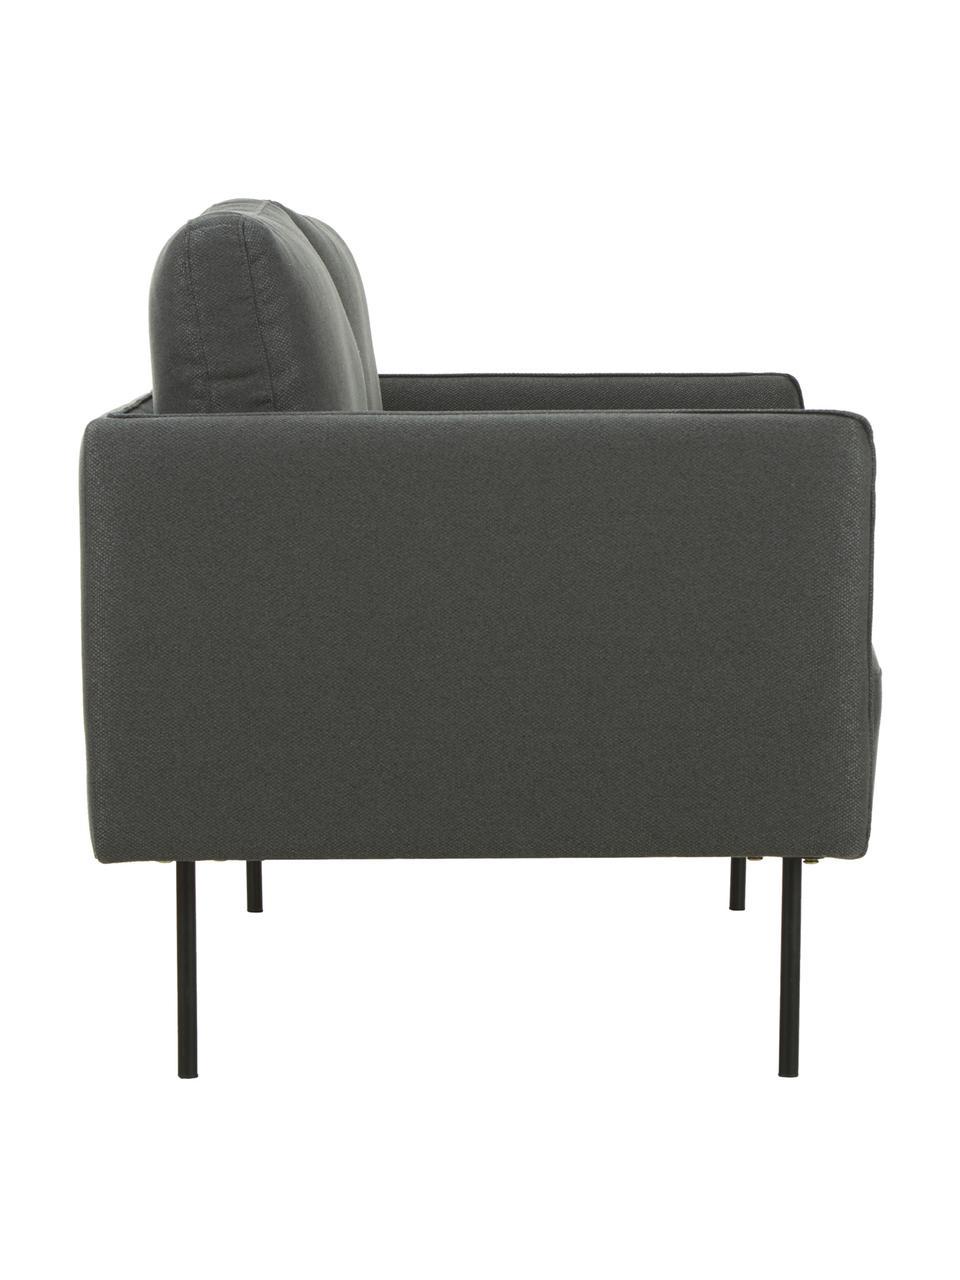 Sofa Ramira (2-Sitzer) in Anthrazit mit Metall-Füßen, Bezug: Polyester 20.000 Scheuert, Gestell: Massives Kiefernholz, Spe, Füße: Metall, pulverbeschichtet, Webstoff Anthrazit, 151 x 79 cm